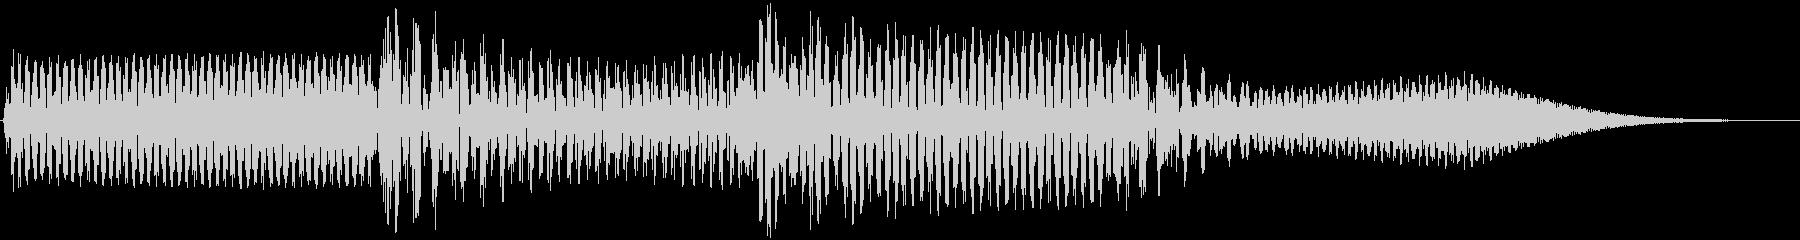 ボタン音(シンセ高音)の未再生の波形